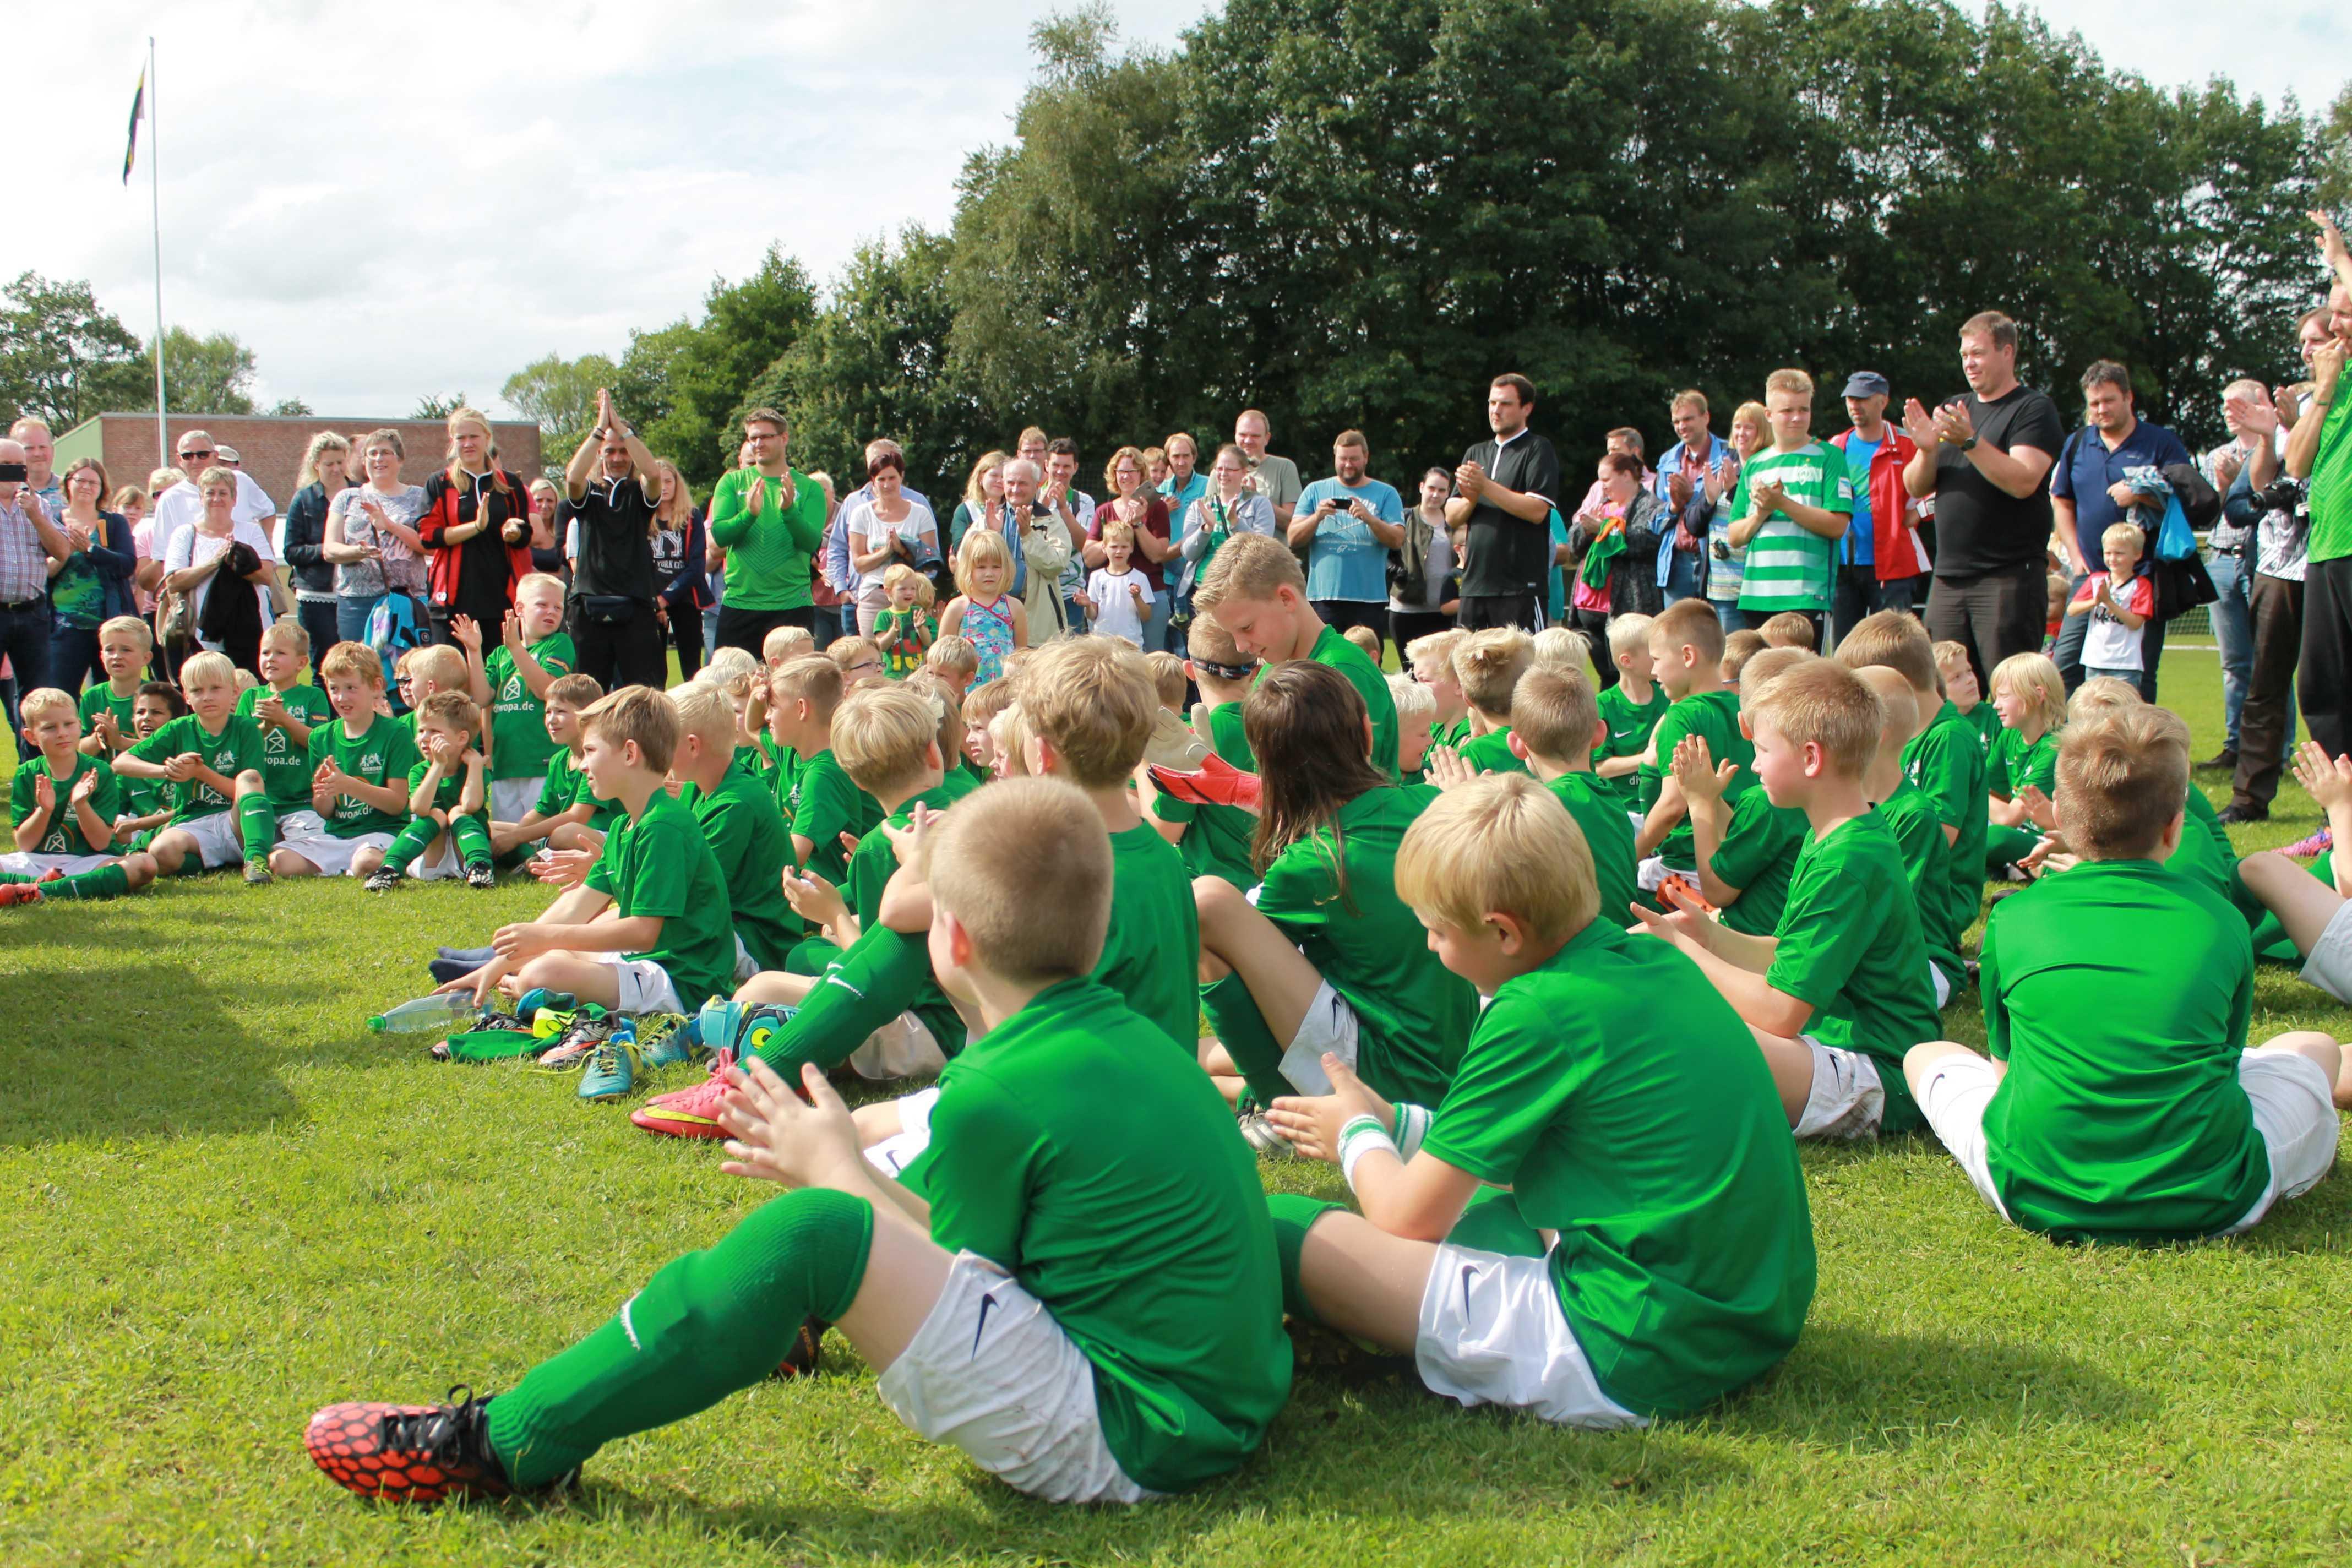 2016-08-14 Werder CAMPontour - Sonntag (111)